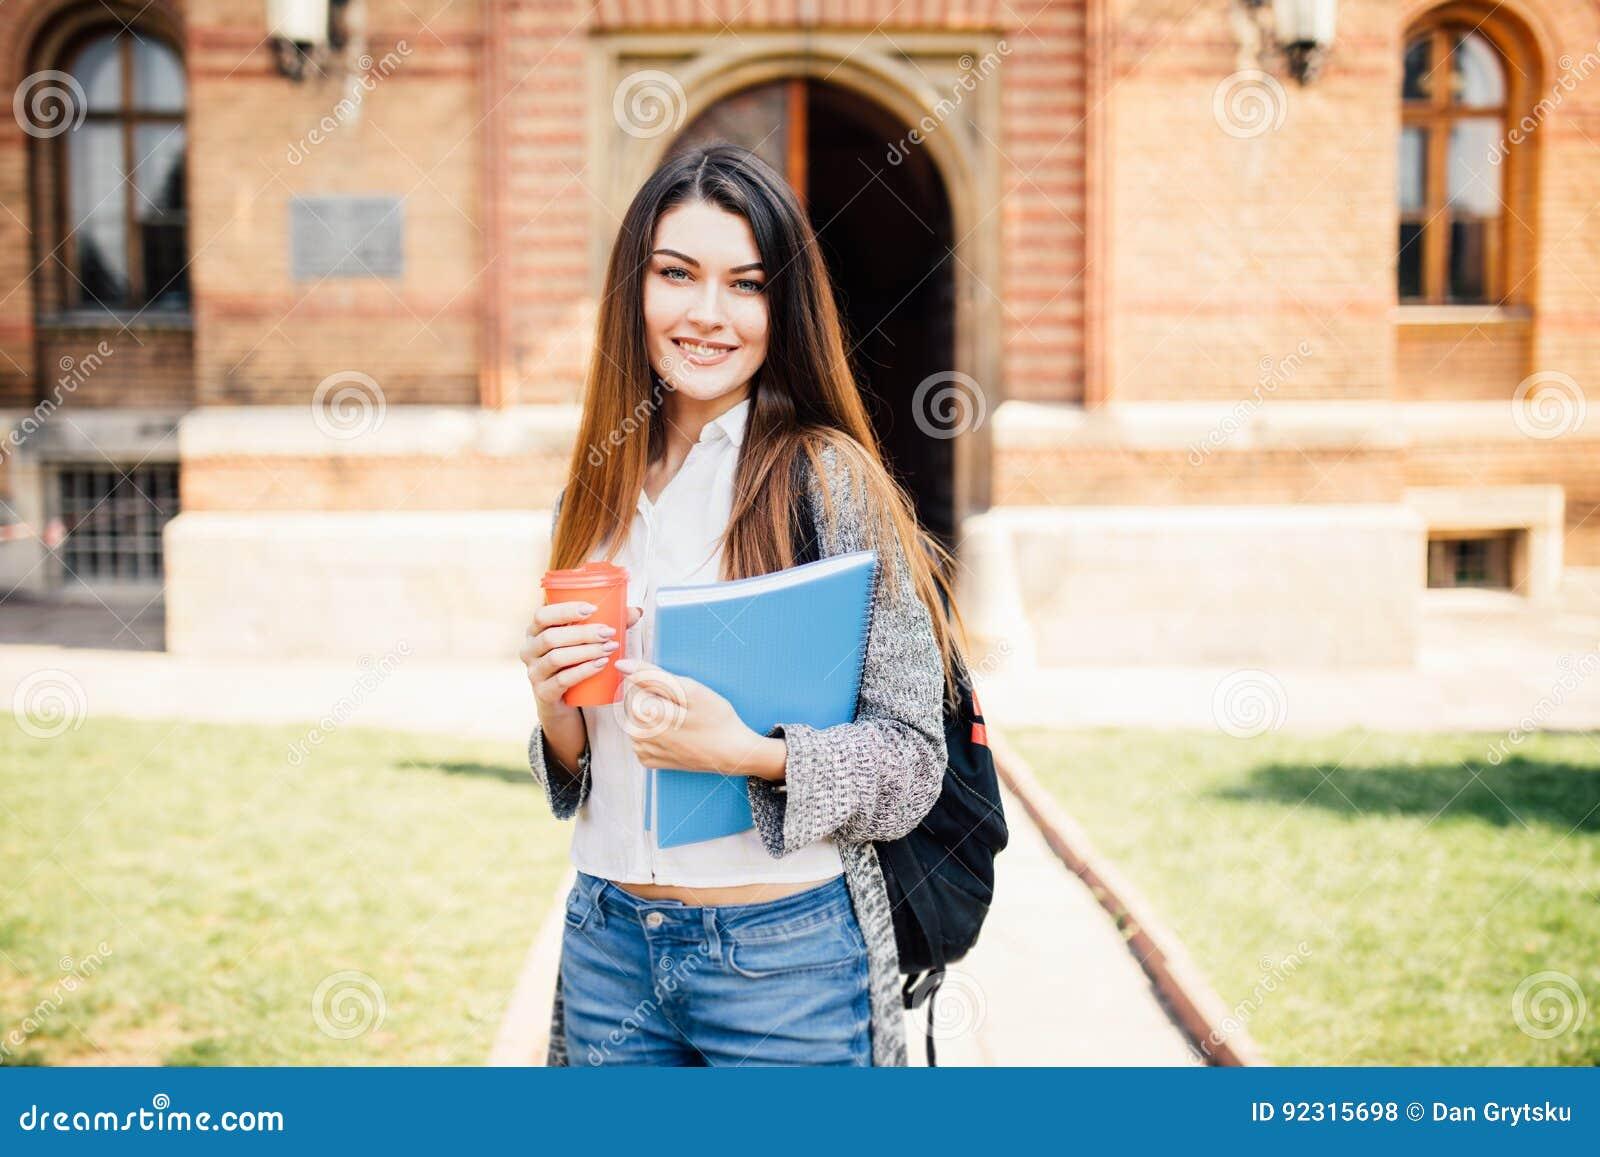 Amerikansk universitetsstudent som ler med kaffe- och bokpåsen på universitetsområde